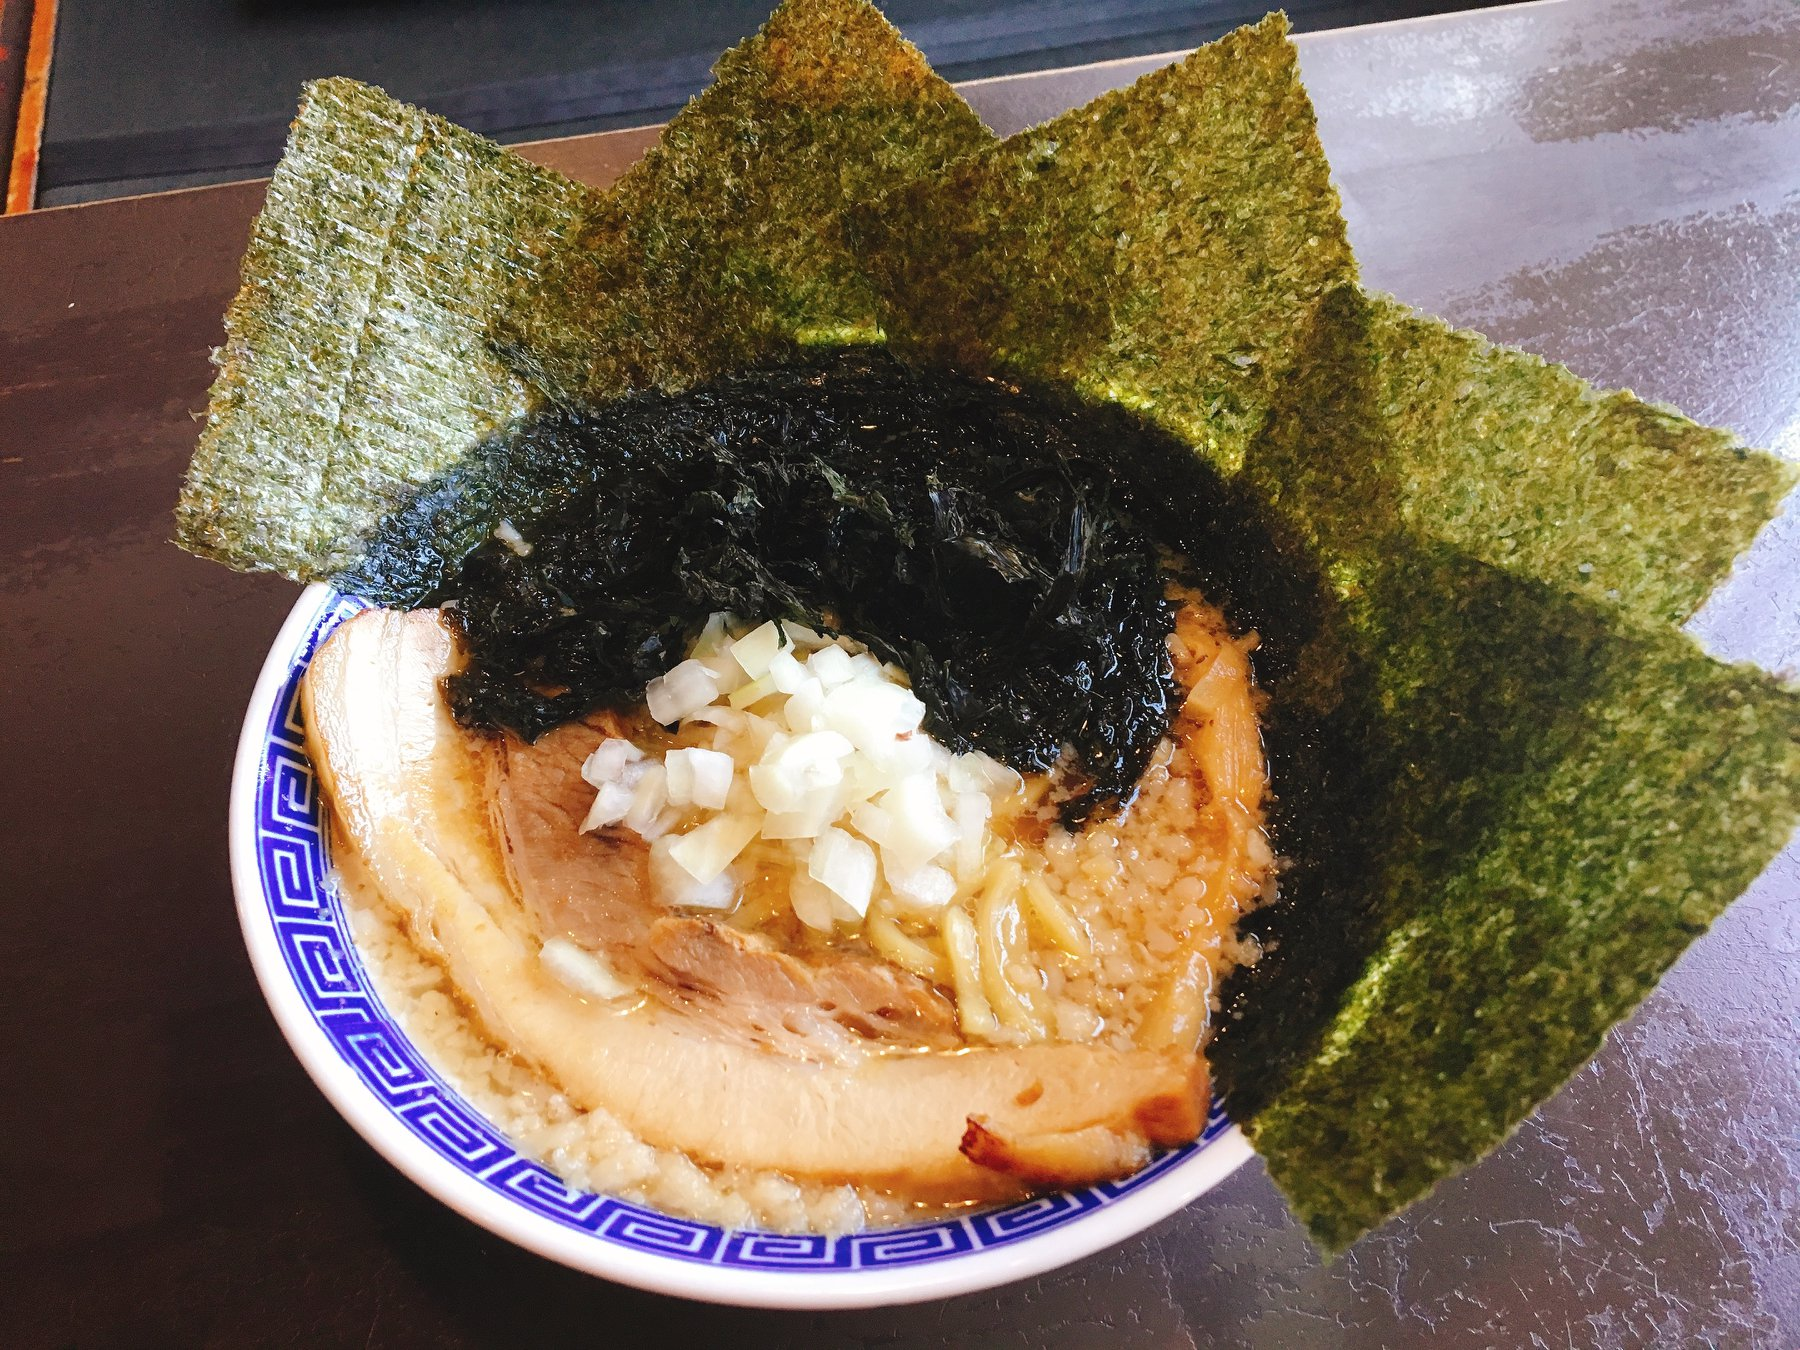 【総本店】背脂中華に黒バラ海苔と板海苔をトッピング